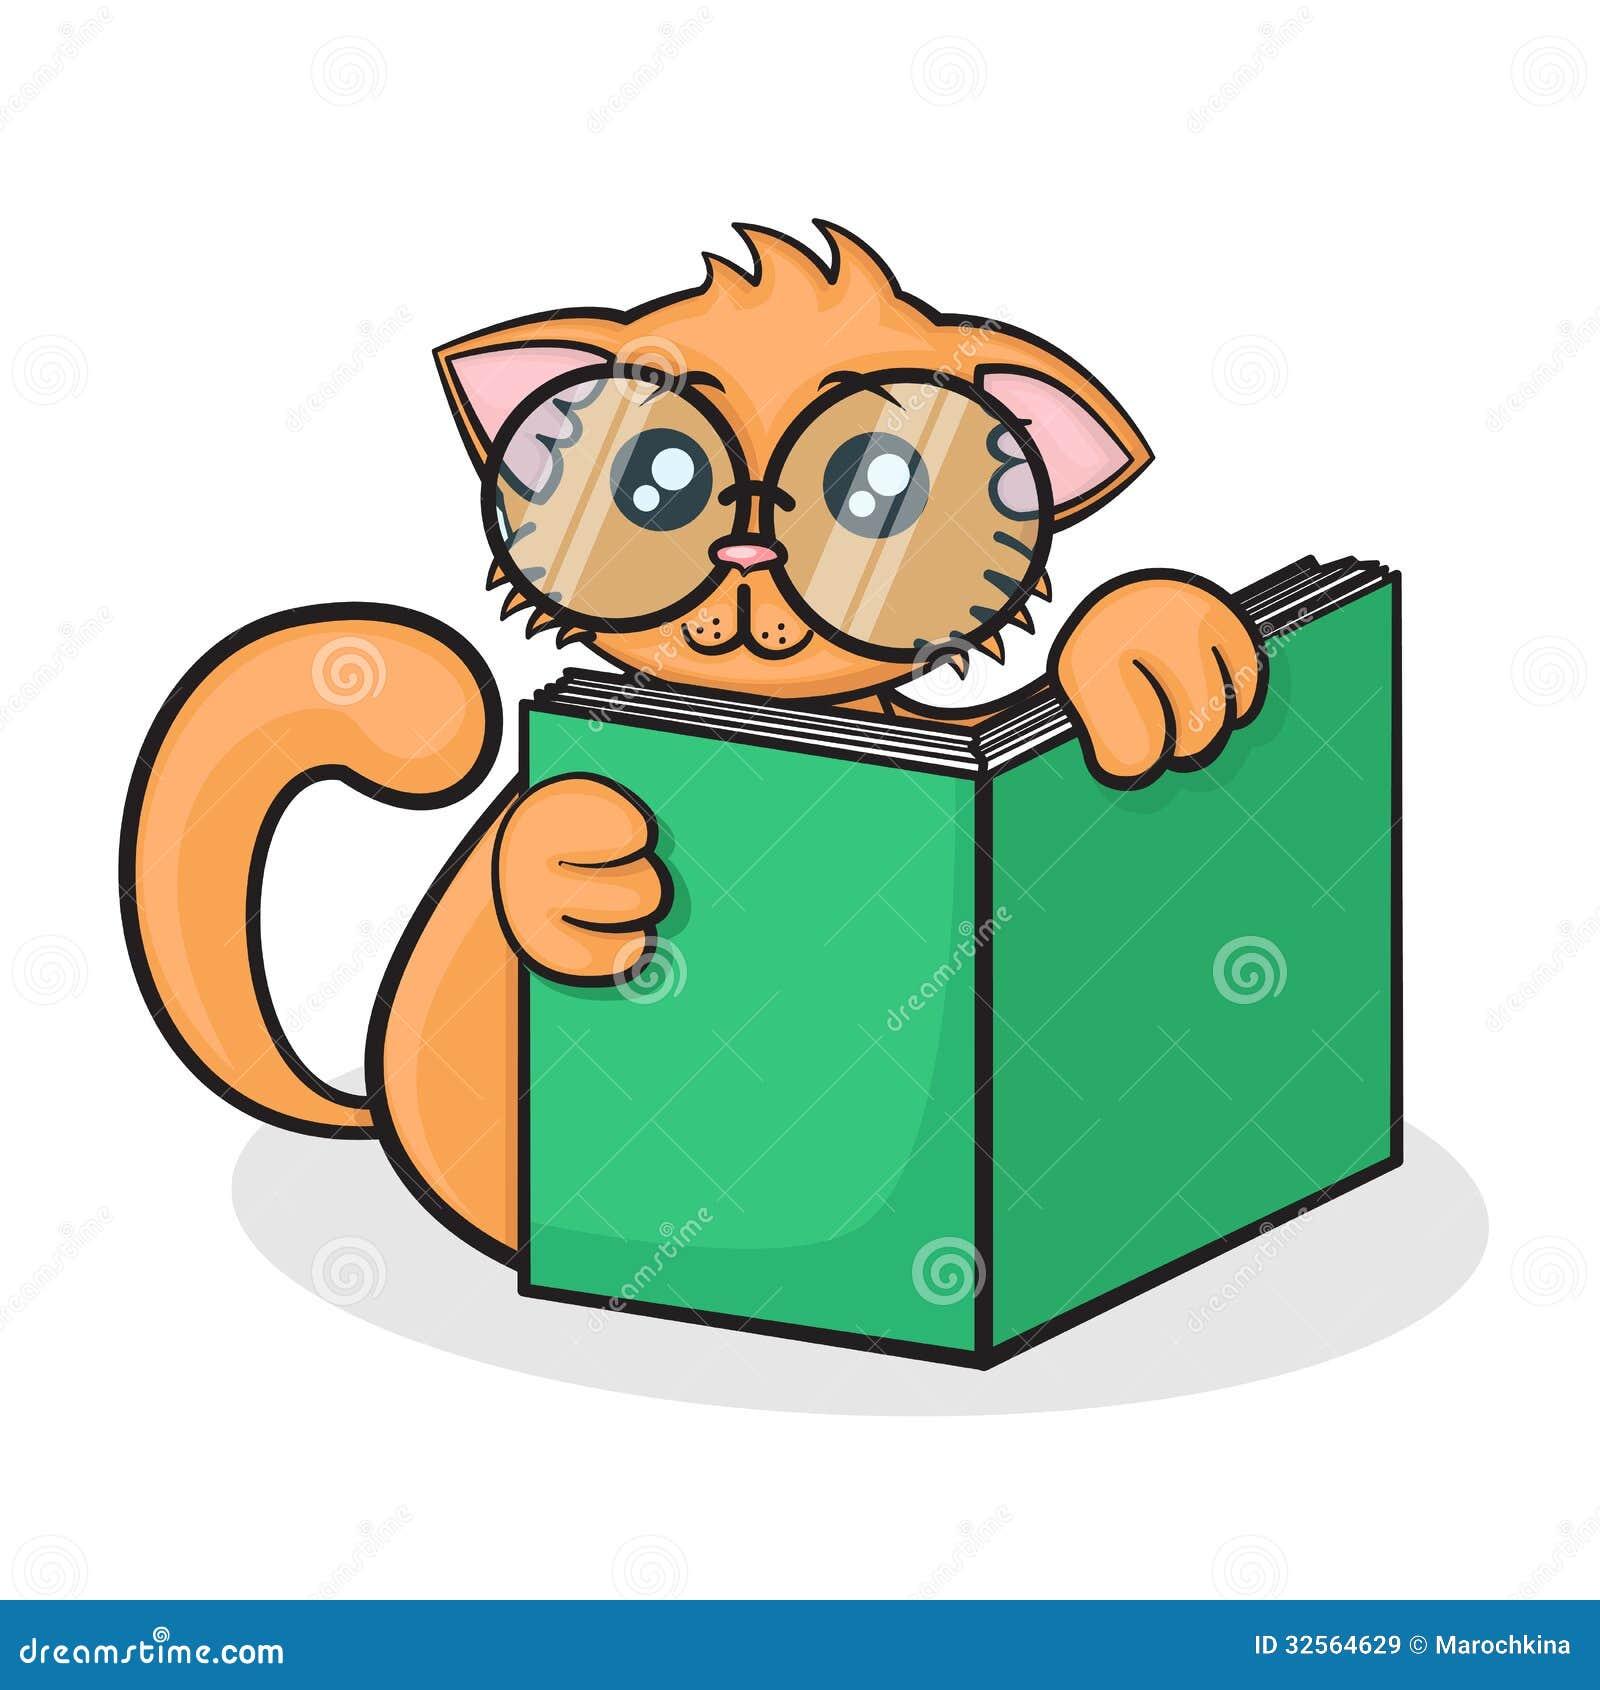 Little Funny Cartoon Cat Stock Illustration Illustration Of Kitty